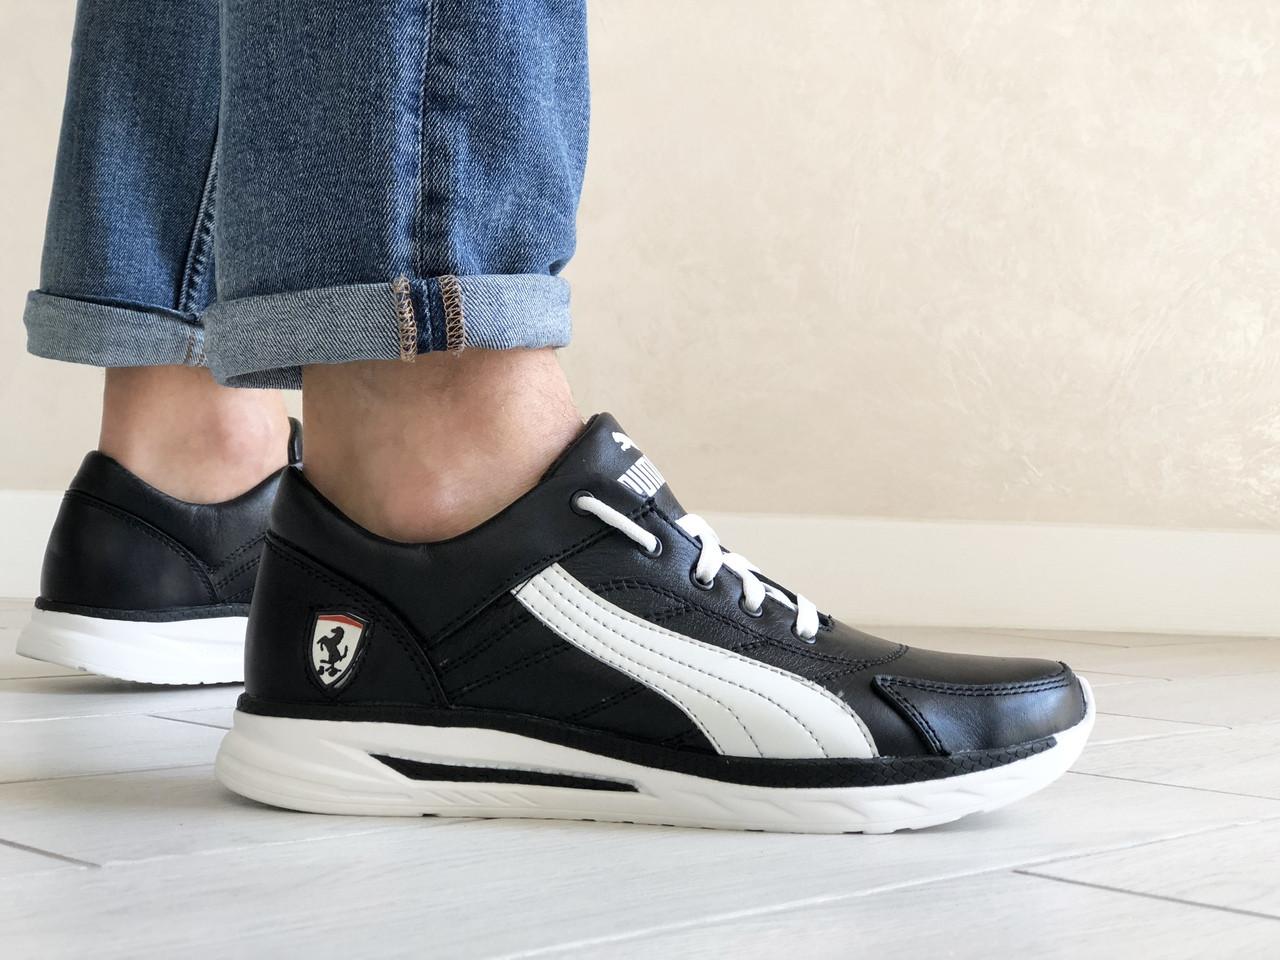 Кроссовки мужские кожаные Puma Ferrari в стиле Пума черно белые демисезонные из натуральная кожи